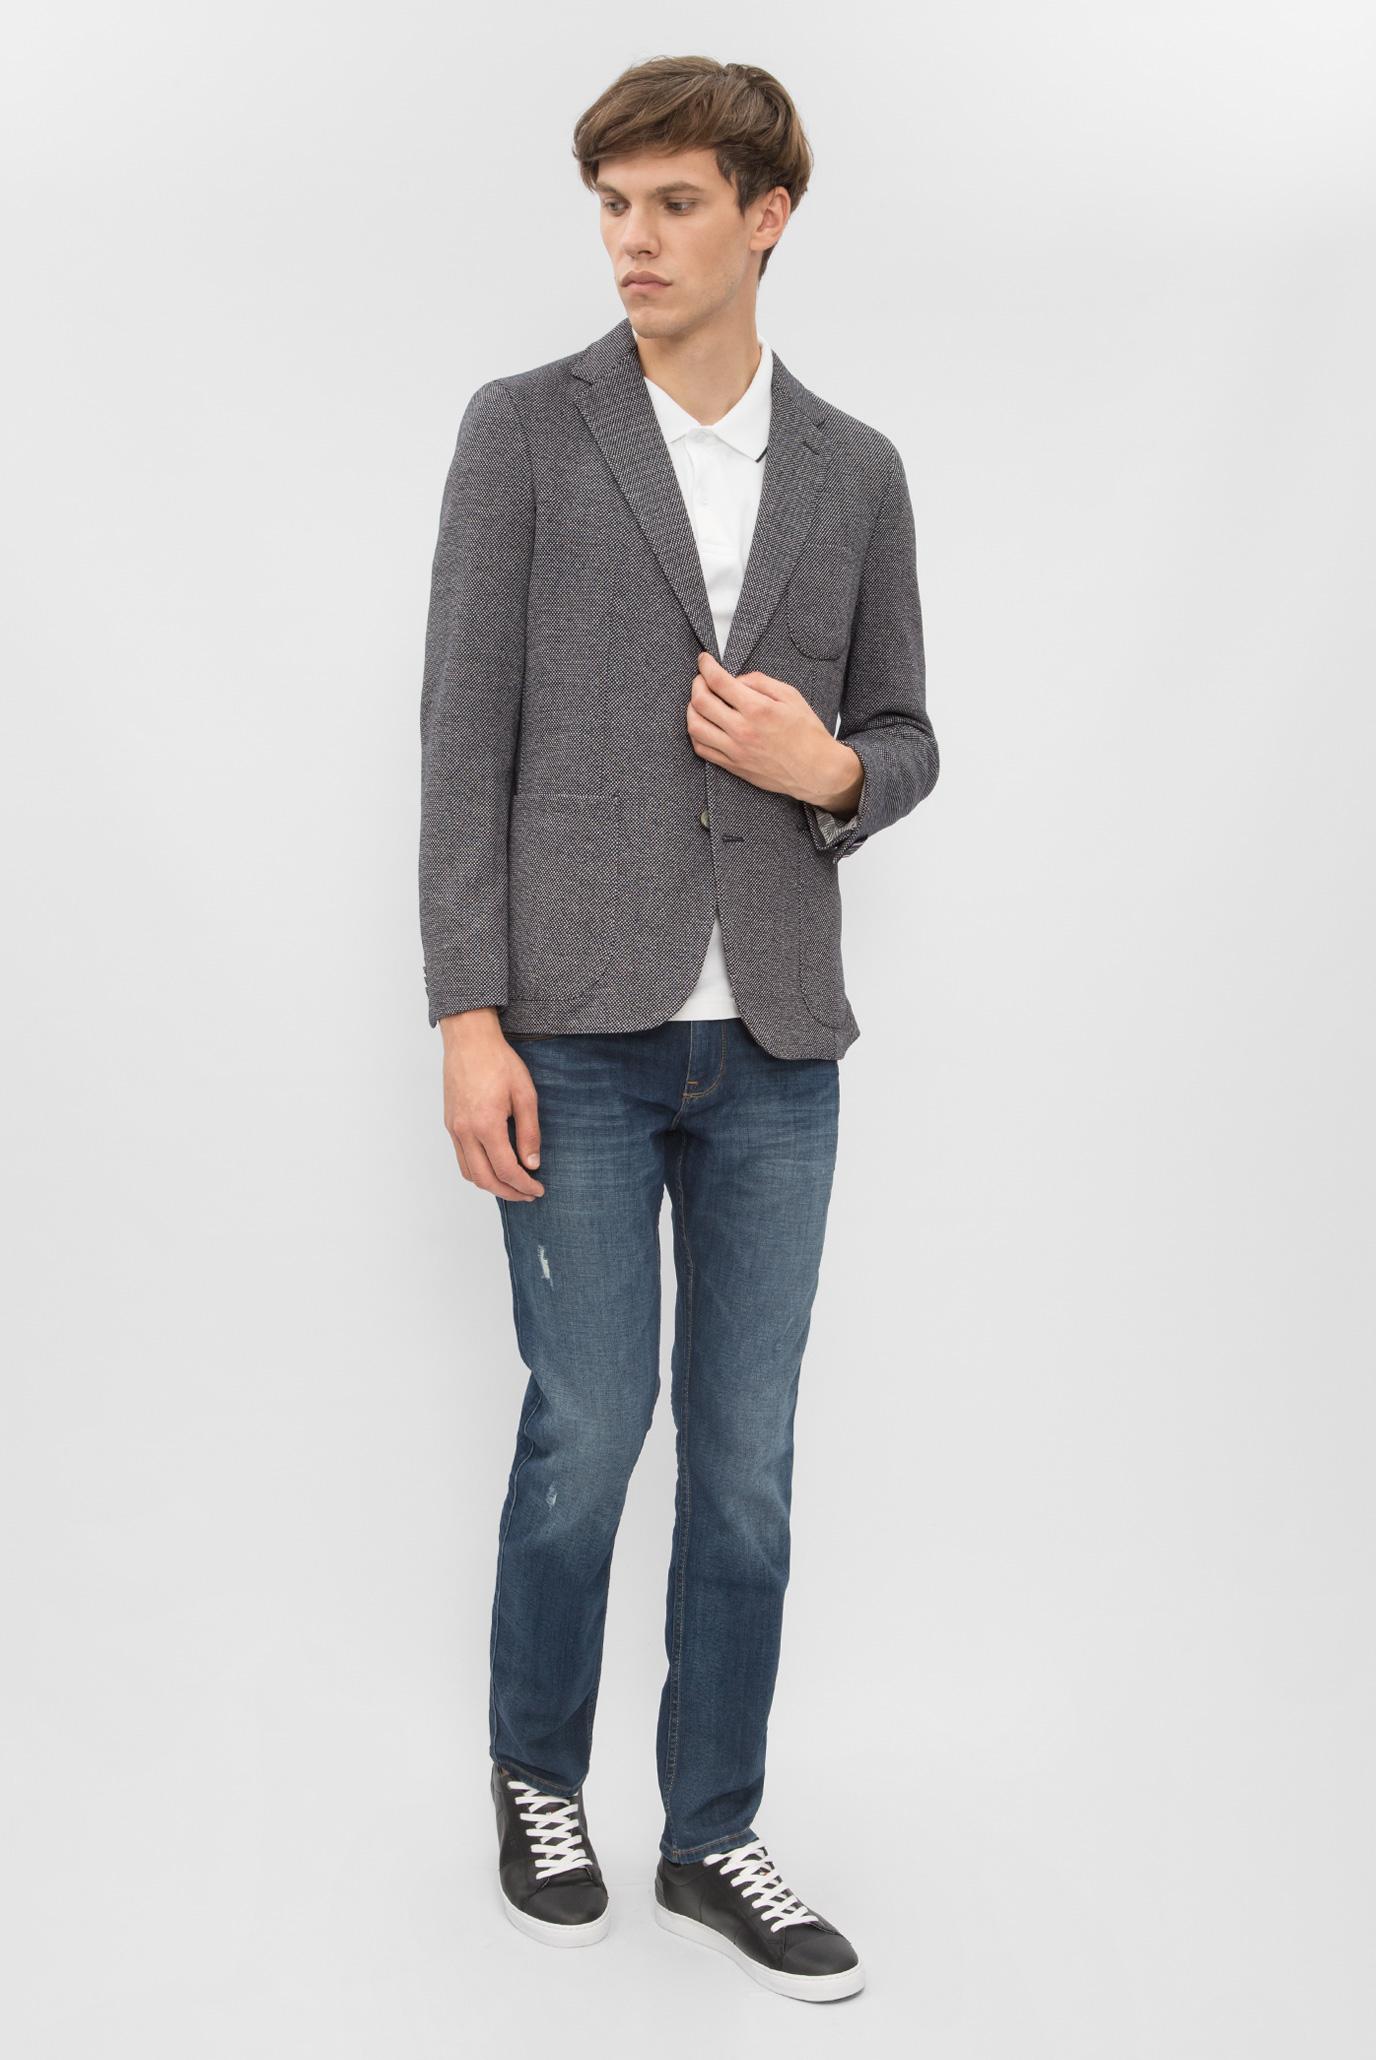 Купить Мужской синий пиджак Tommy Hilfiger Tommy Hilfiger MW0MW02084 – Киев, Украина. Цены в интернет магазине MD Fashion